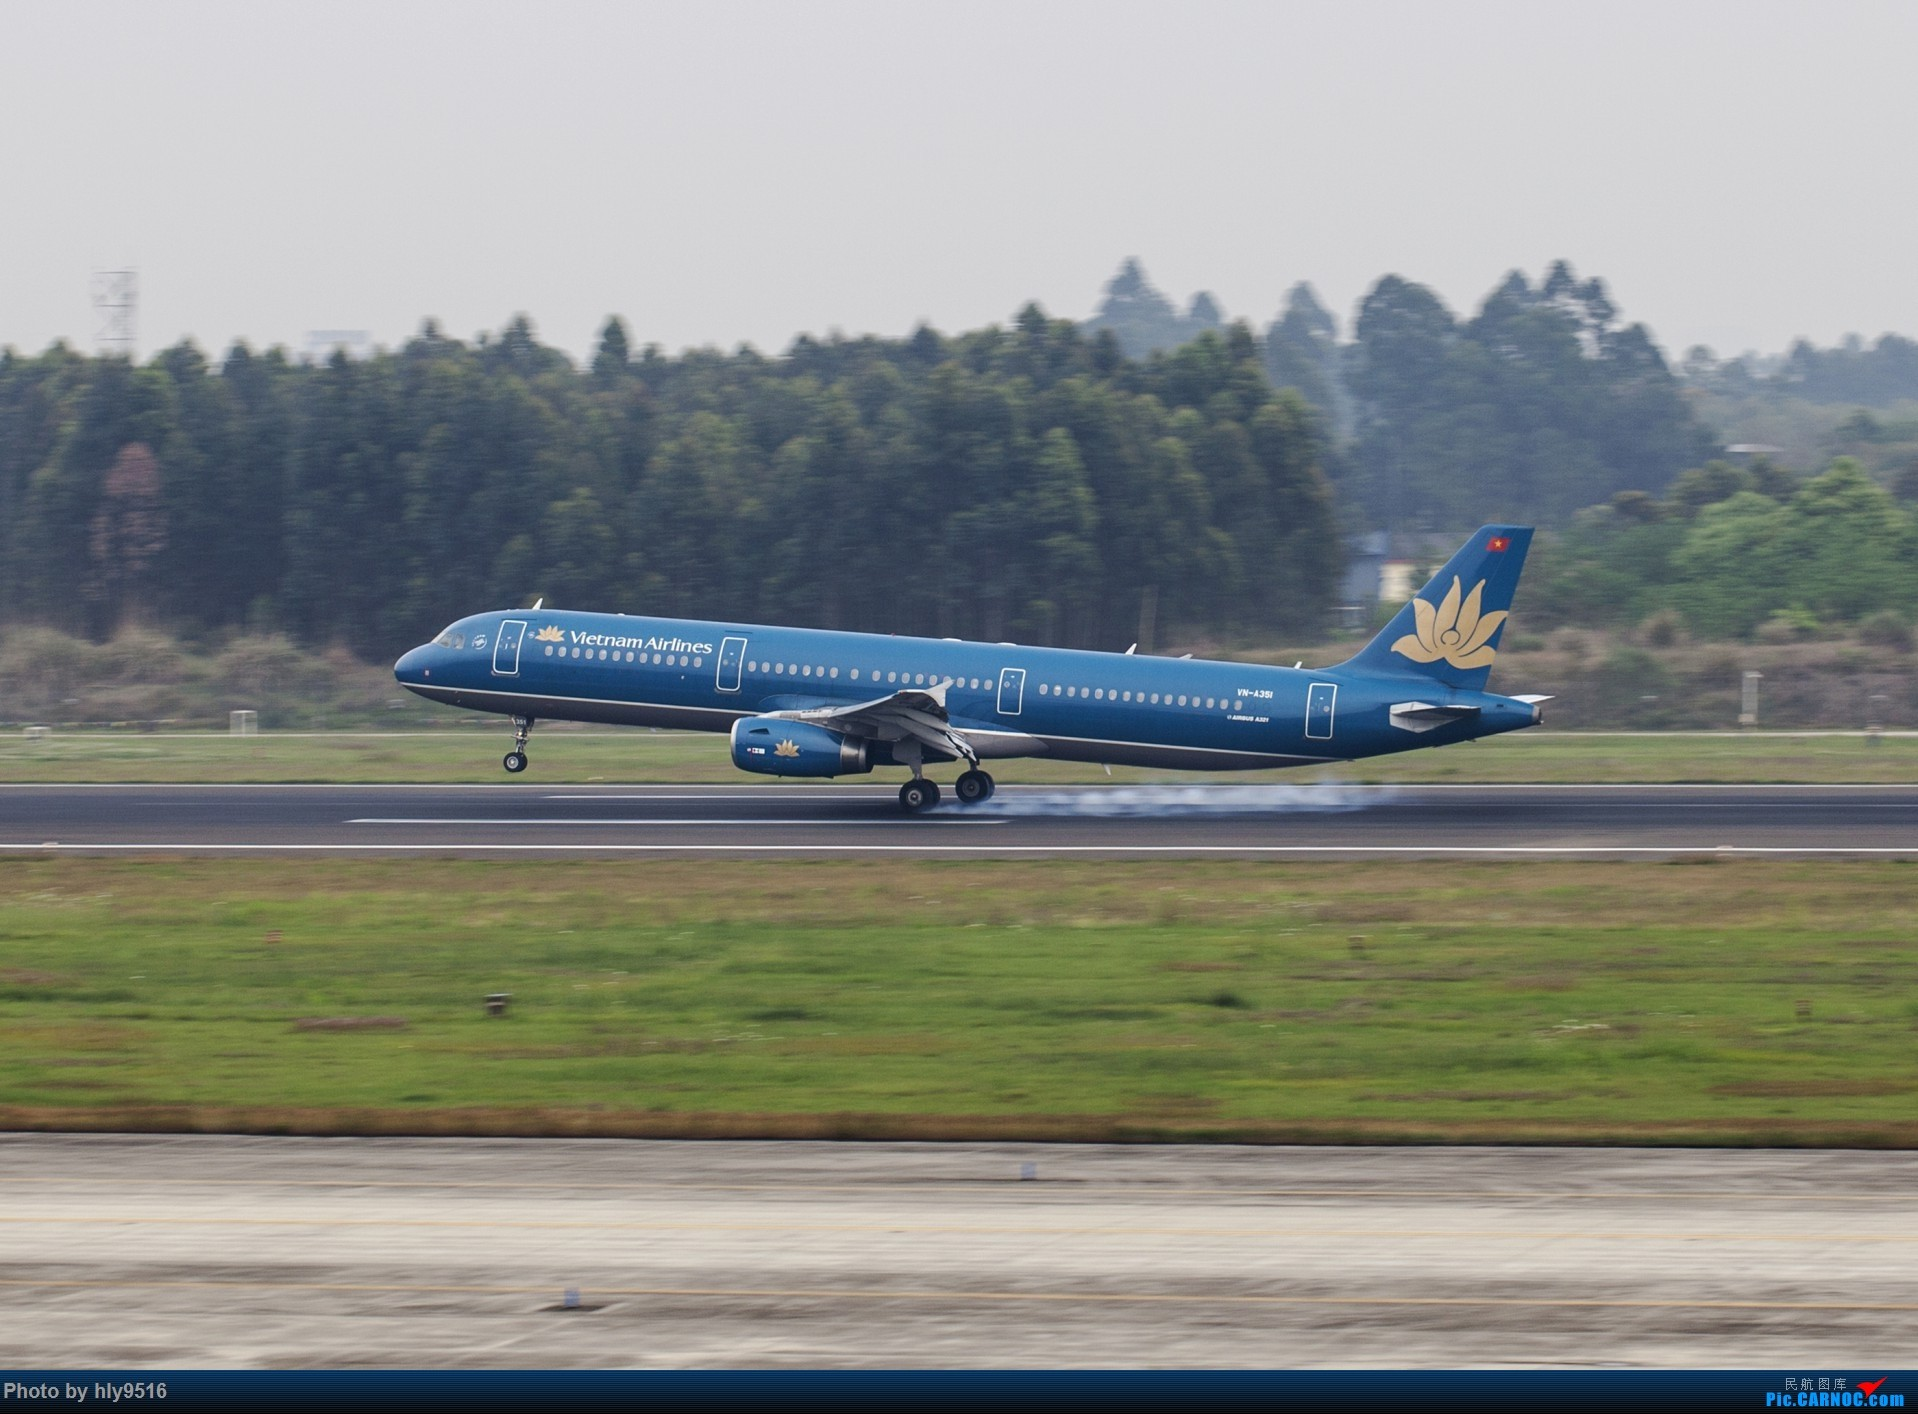 Re:[原创]【CTU】终于解决了大怨念南航A380 偶遇长荣新涂装 两次复飞 小怨念若干 AIRBUS A321-200 VN-A351 中国成都双流国际机场